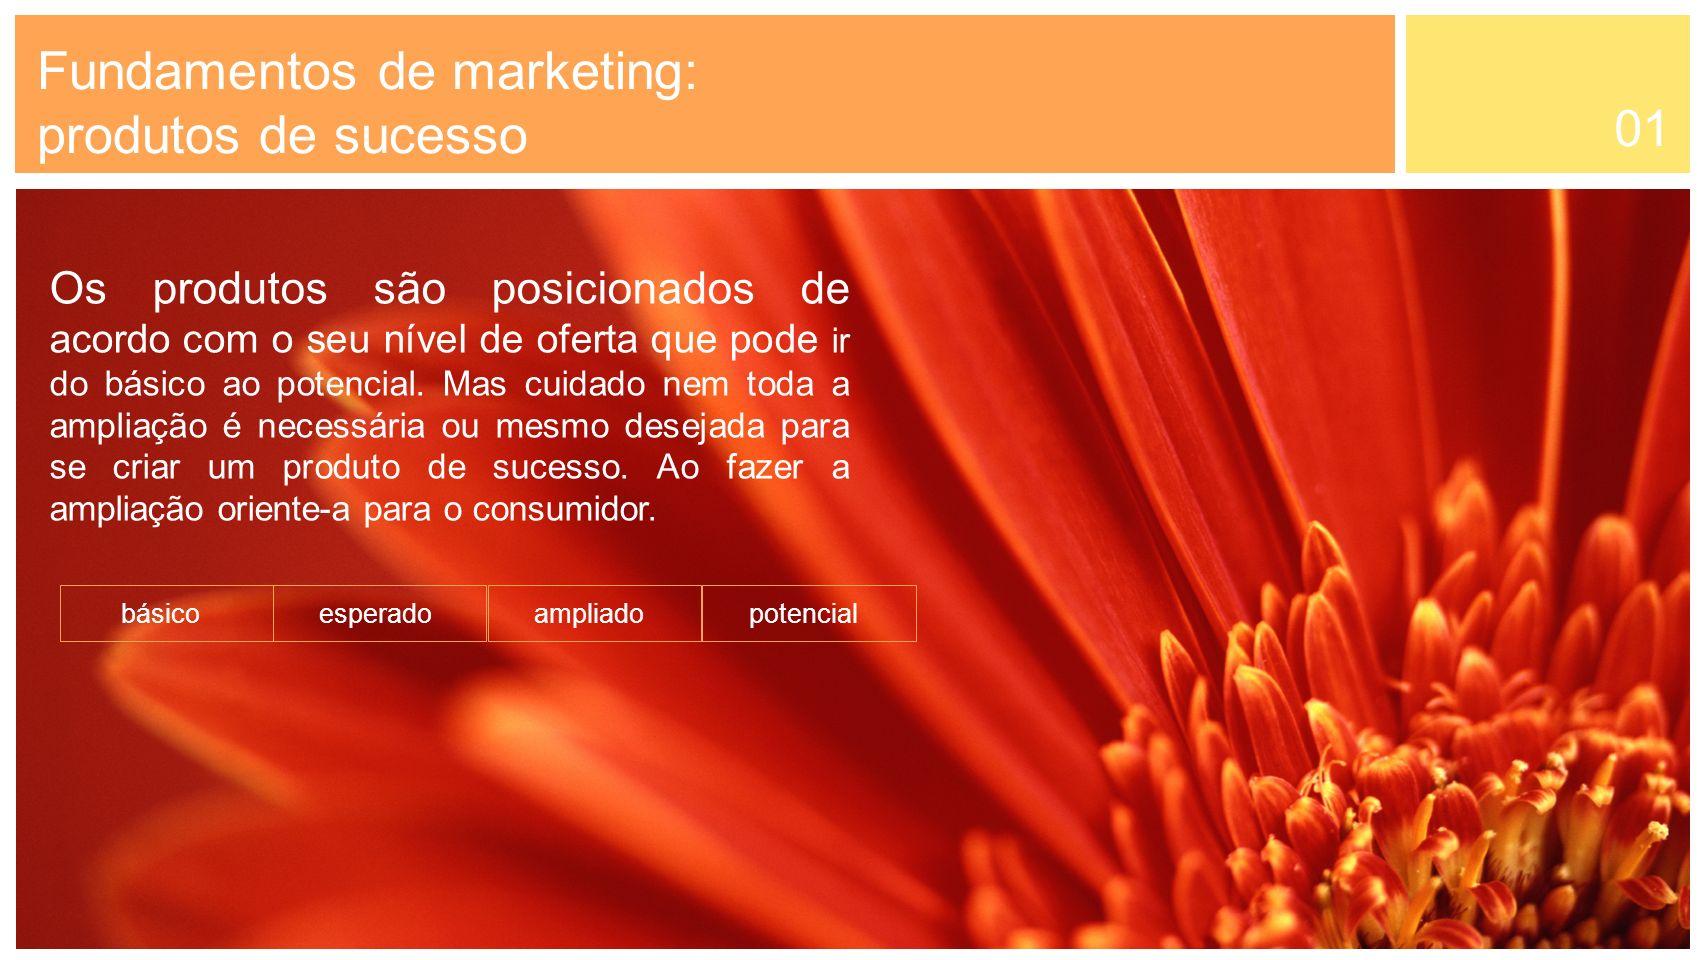 01 Fundamentos de marketing: produtos de sucesso Uma outra opção é usar o custo baixo para se diferenciar dos outros concorrentes.